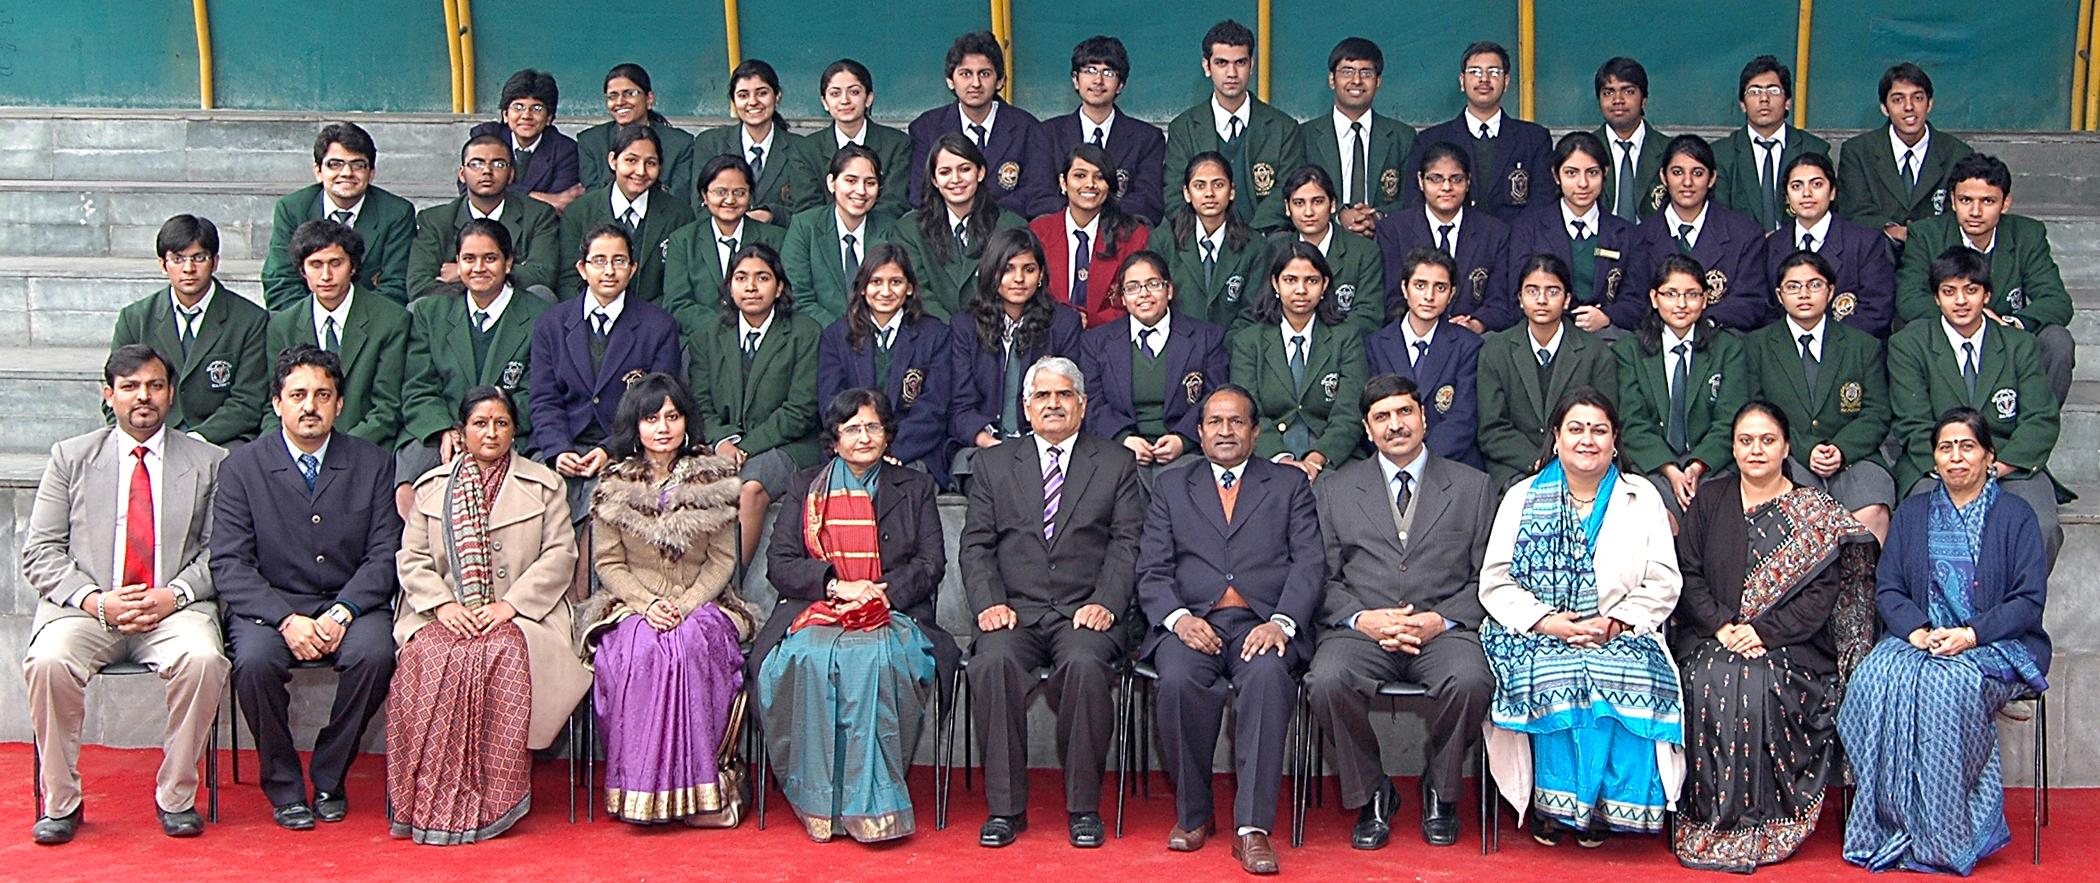 DELHI PUBLIC SCHOOL - R  K  PURAM - NEW DELHI Photos, Images